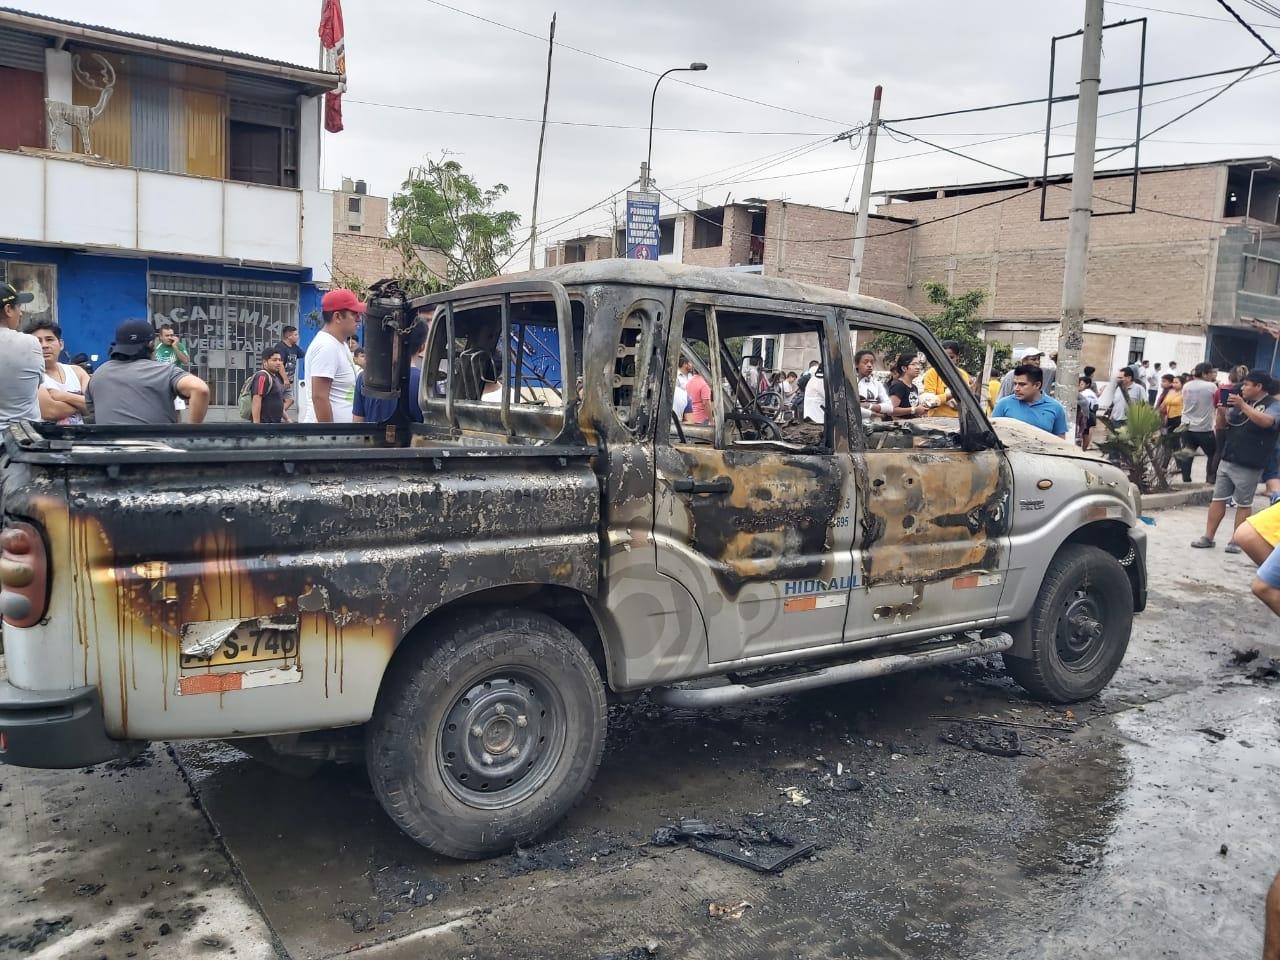 Los vecinos no tuvieron tiempo de retirar los vehículos a pesarqueel chofer del camión cisternaalertóde la emergencia de fuga del gas.